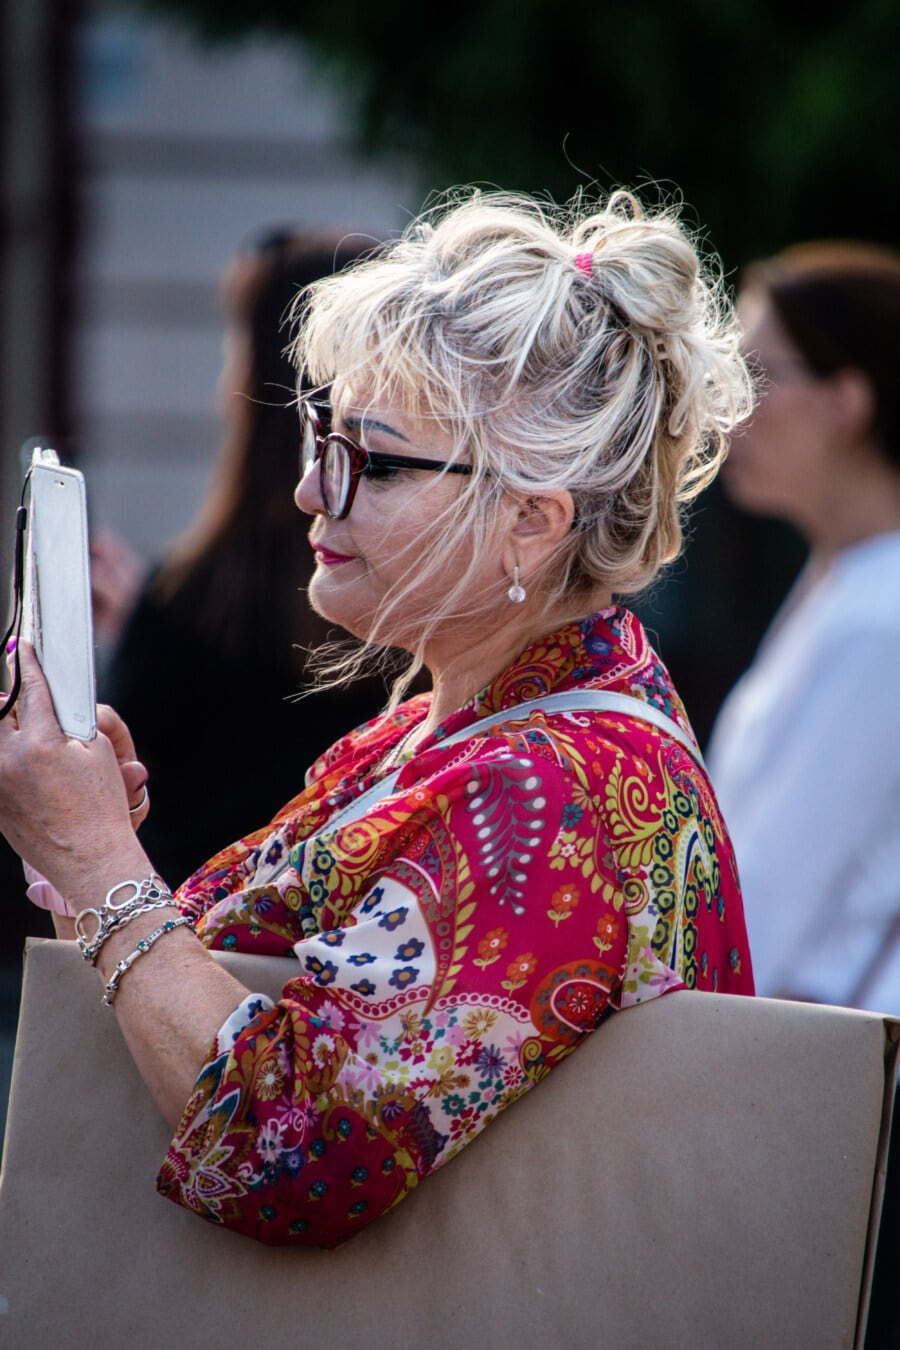 businesswoman, blonde hair, eyeglasses, mobile phone, holding, woman, festival, girl, portrait, street